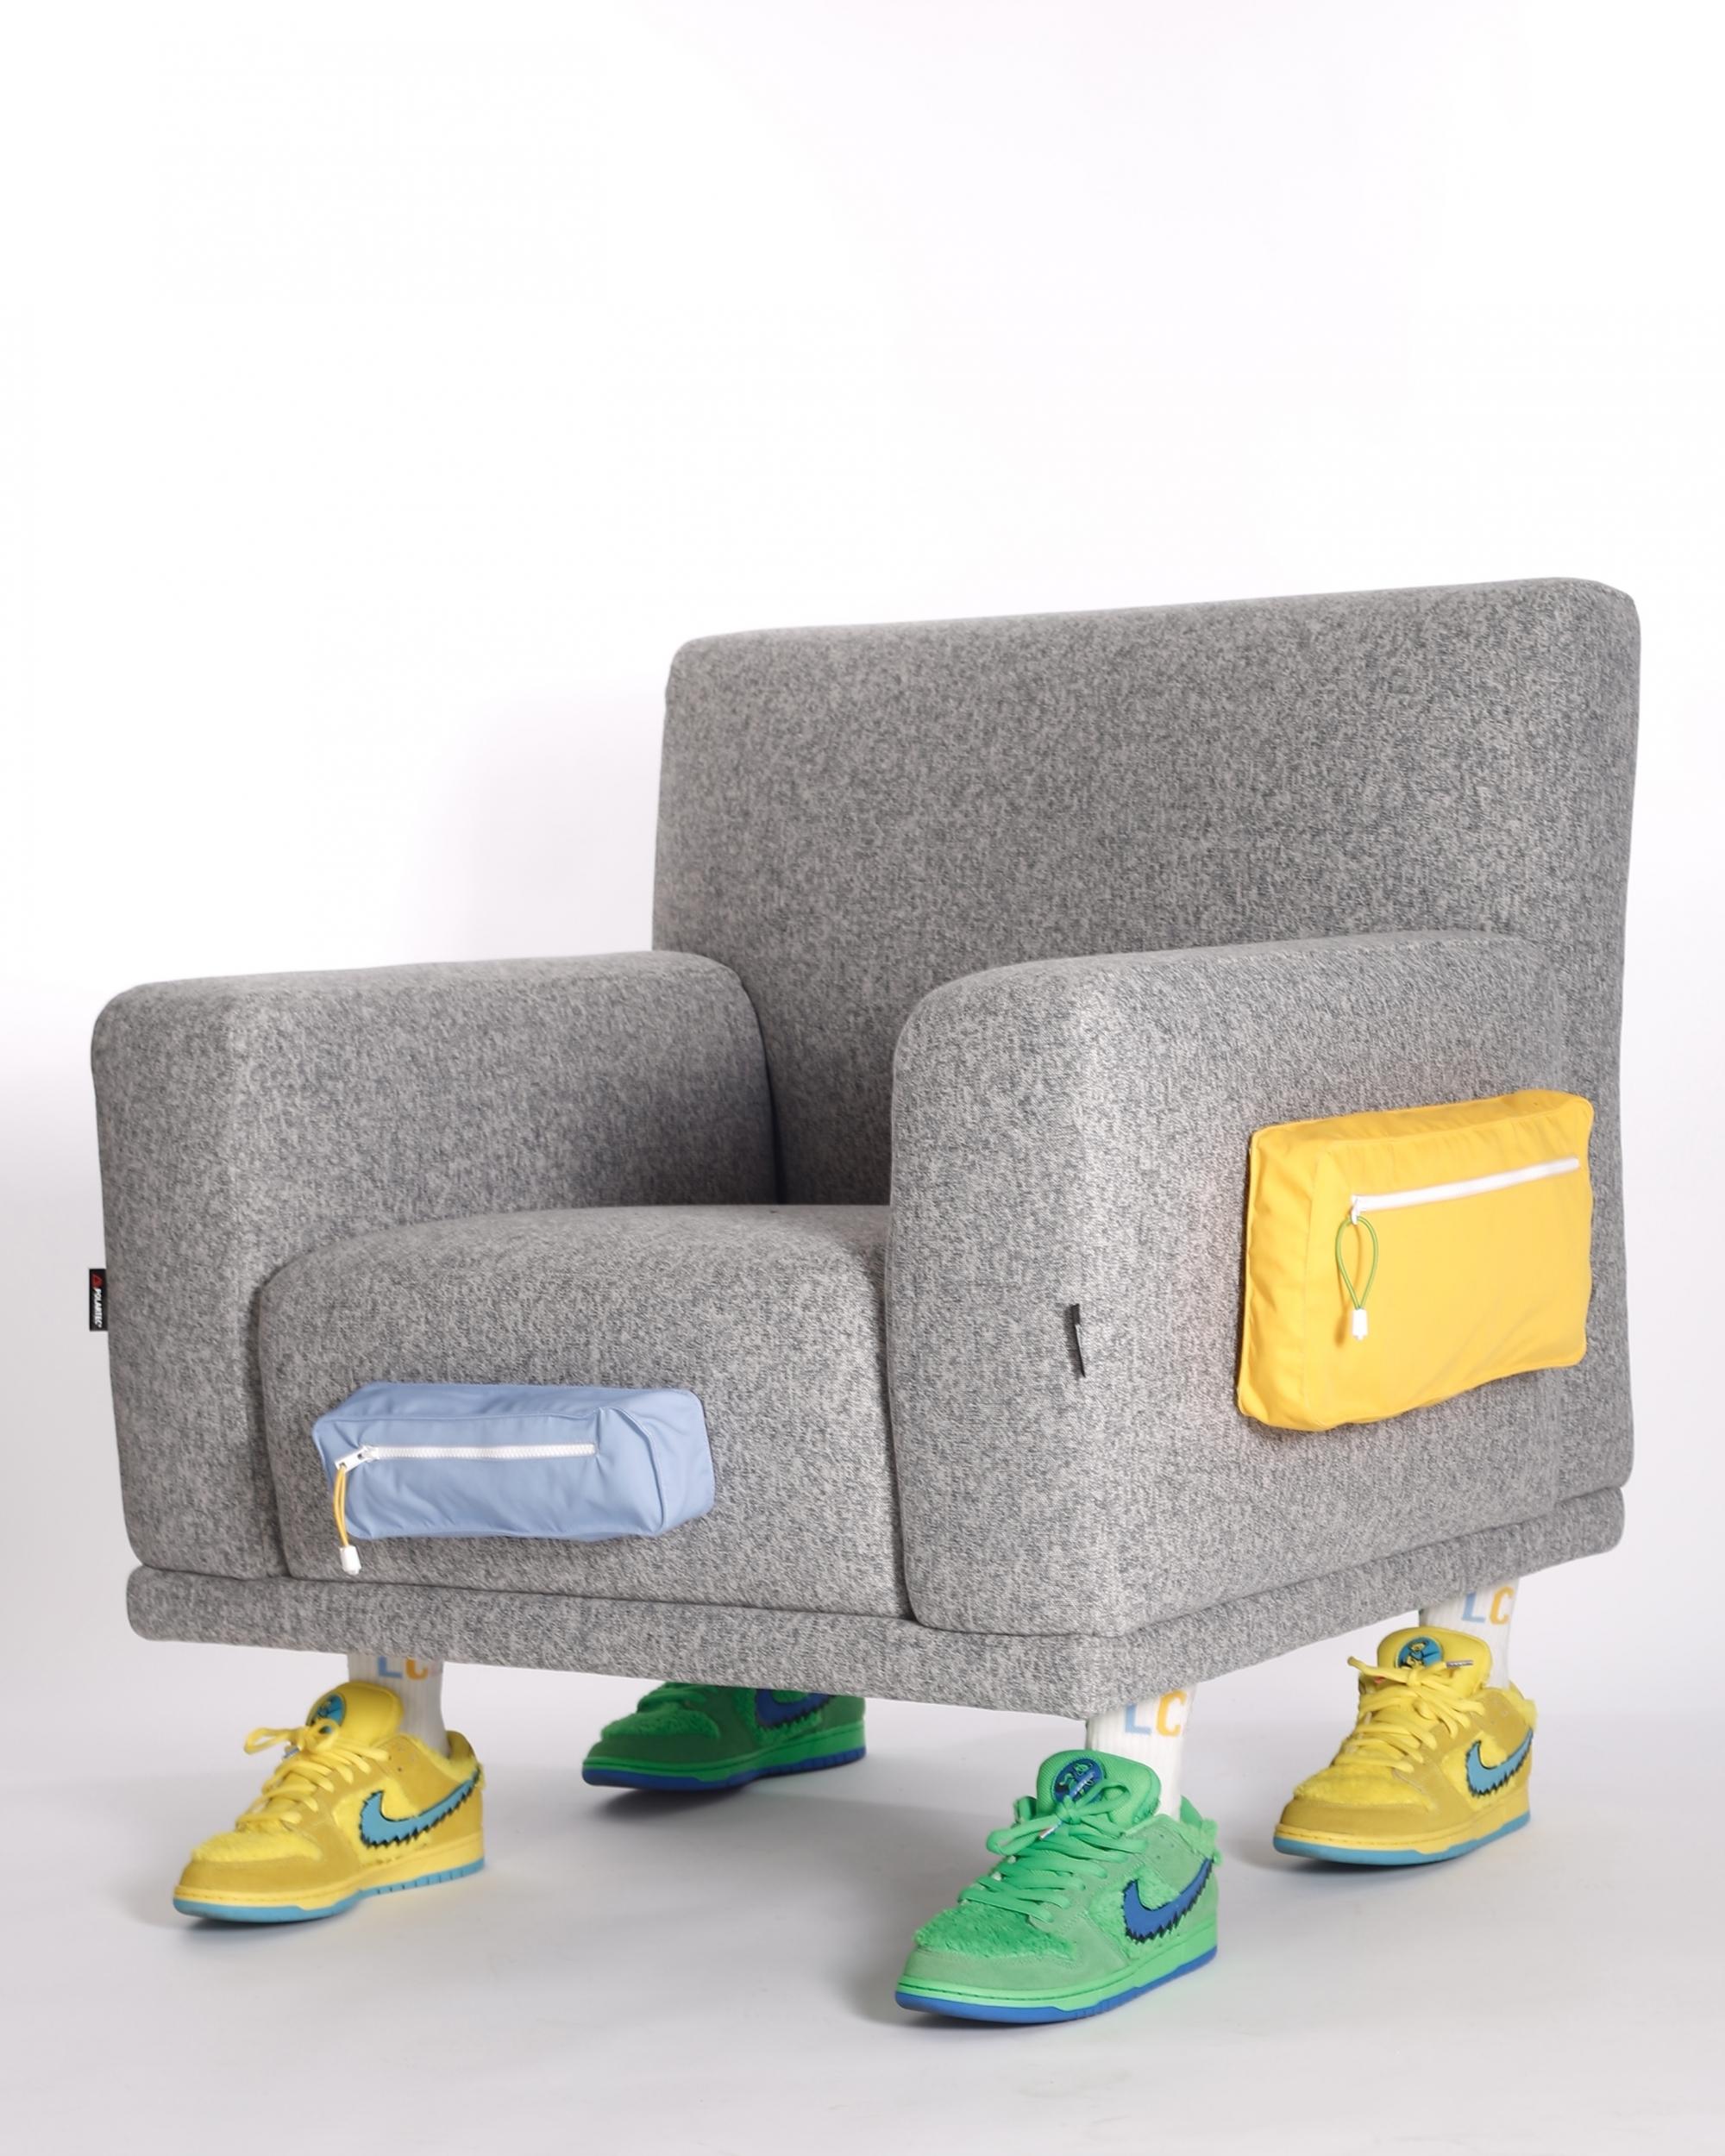 https://www.lc23.it/en/armchairs/lc23-wool-feet-polartec-armchair/